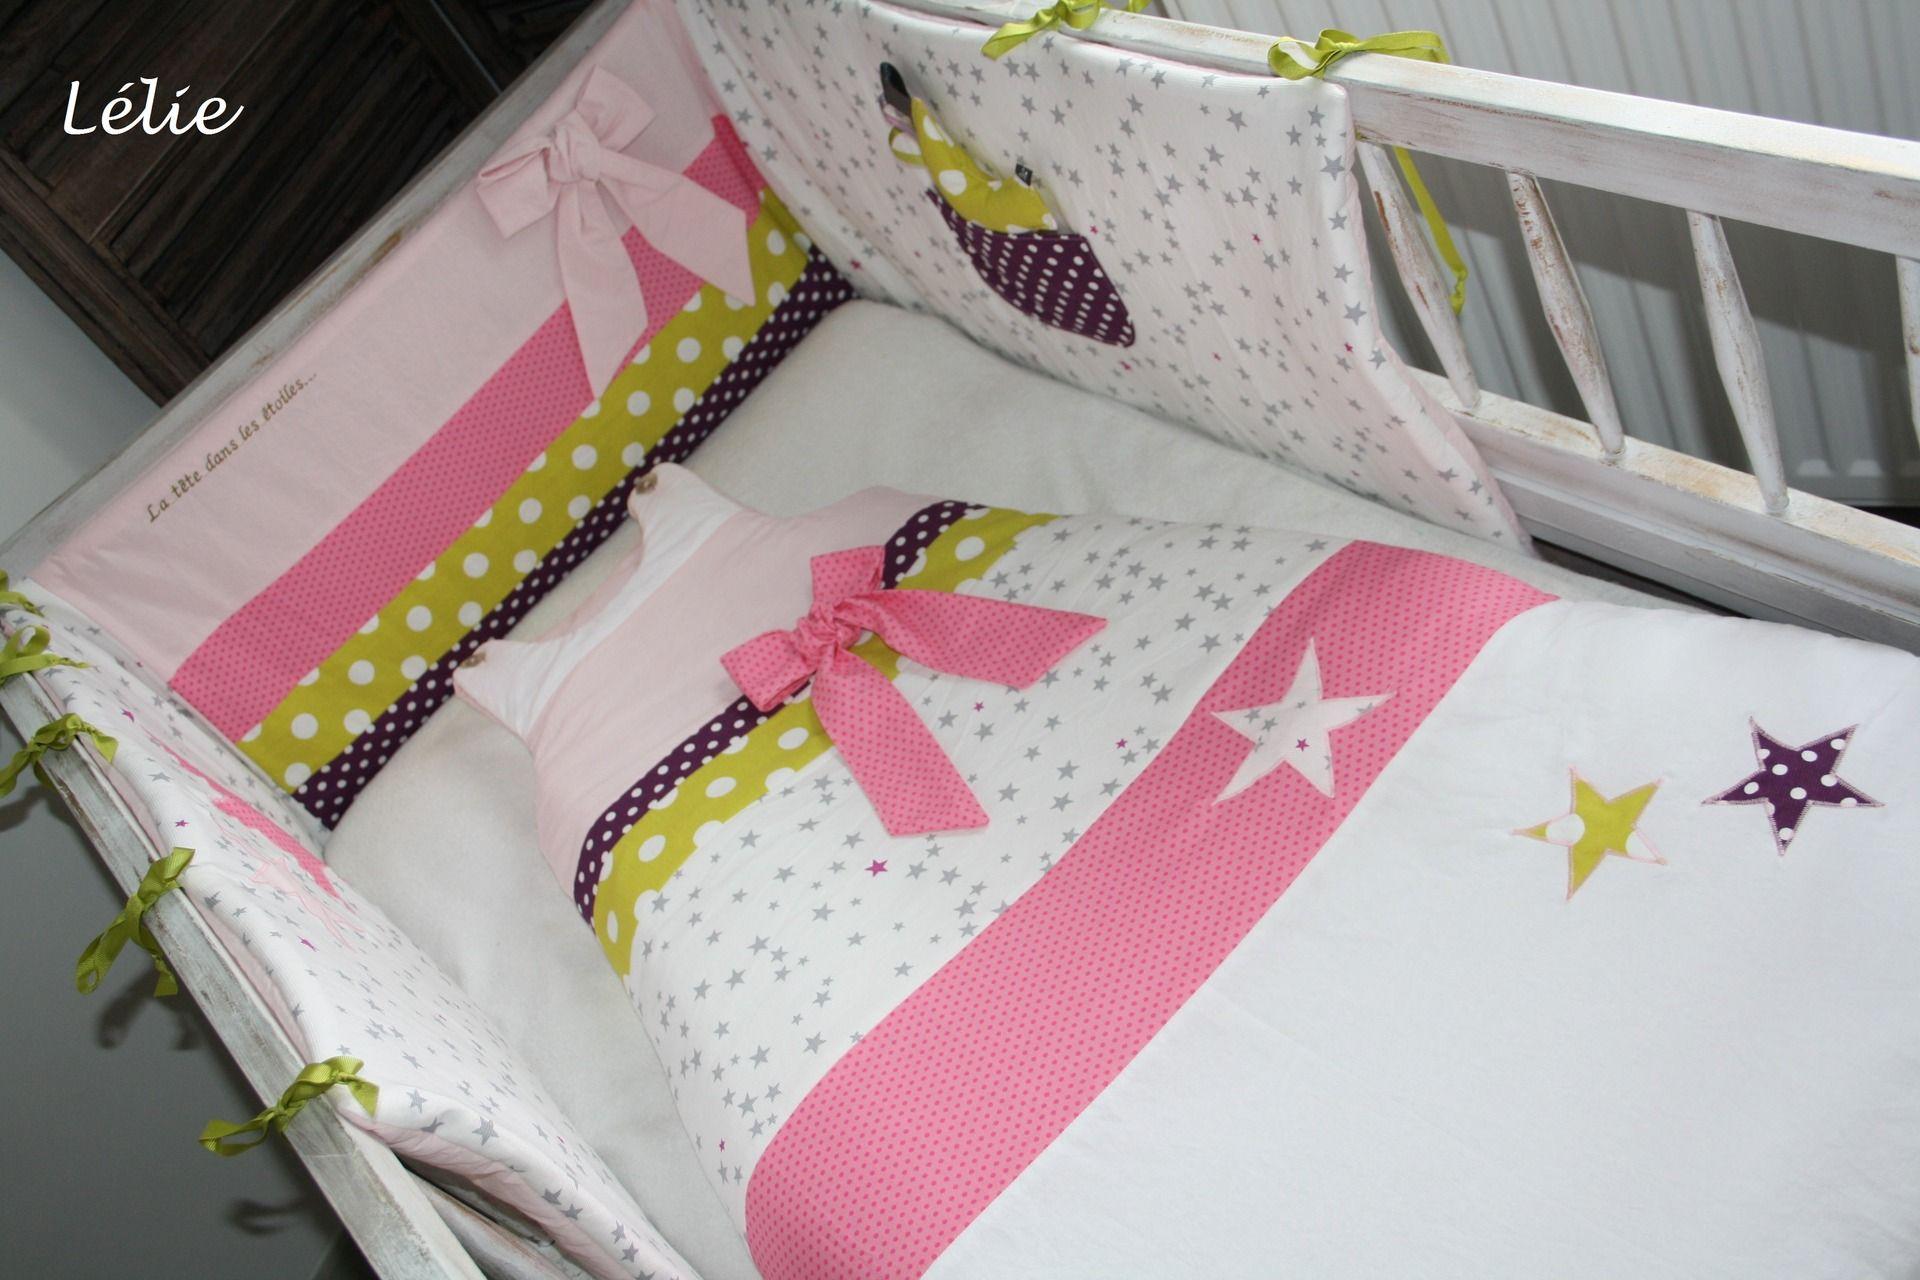 faire soi meme un tour de lit bébé Faire Un Tour De Lit Bébé Soi Même – Maillot de foot 2013 faire soi meme un tour de lit bébé